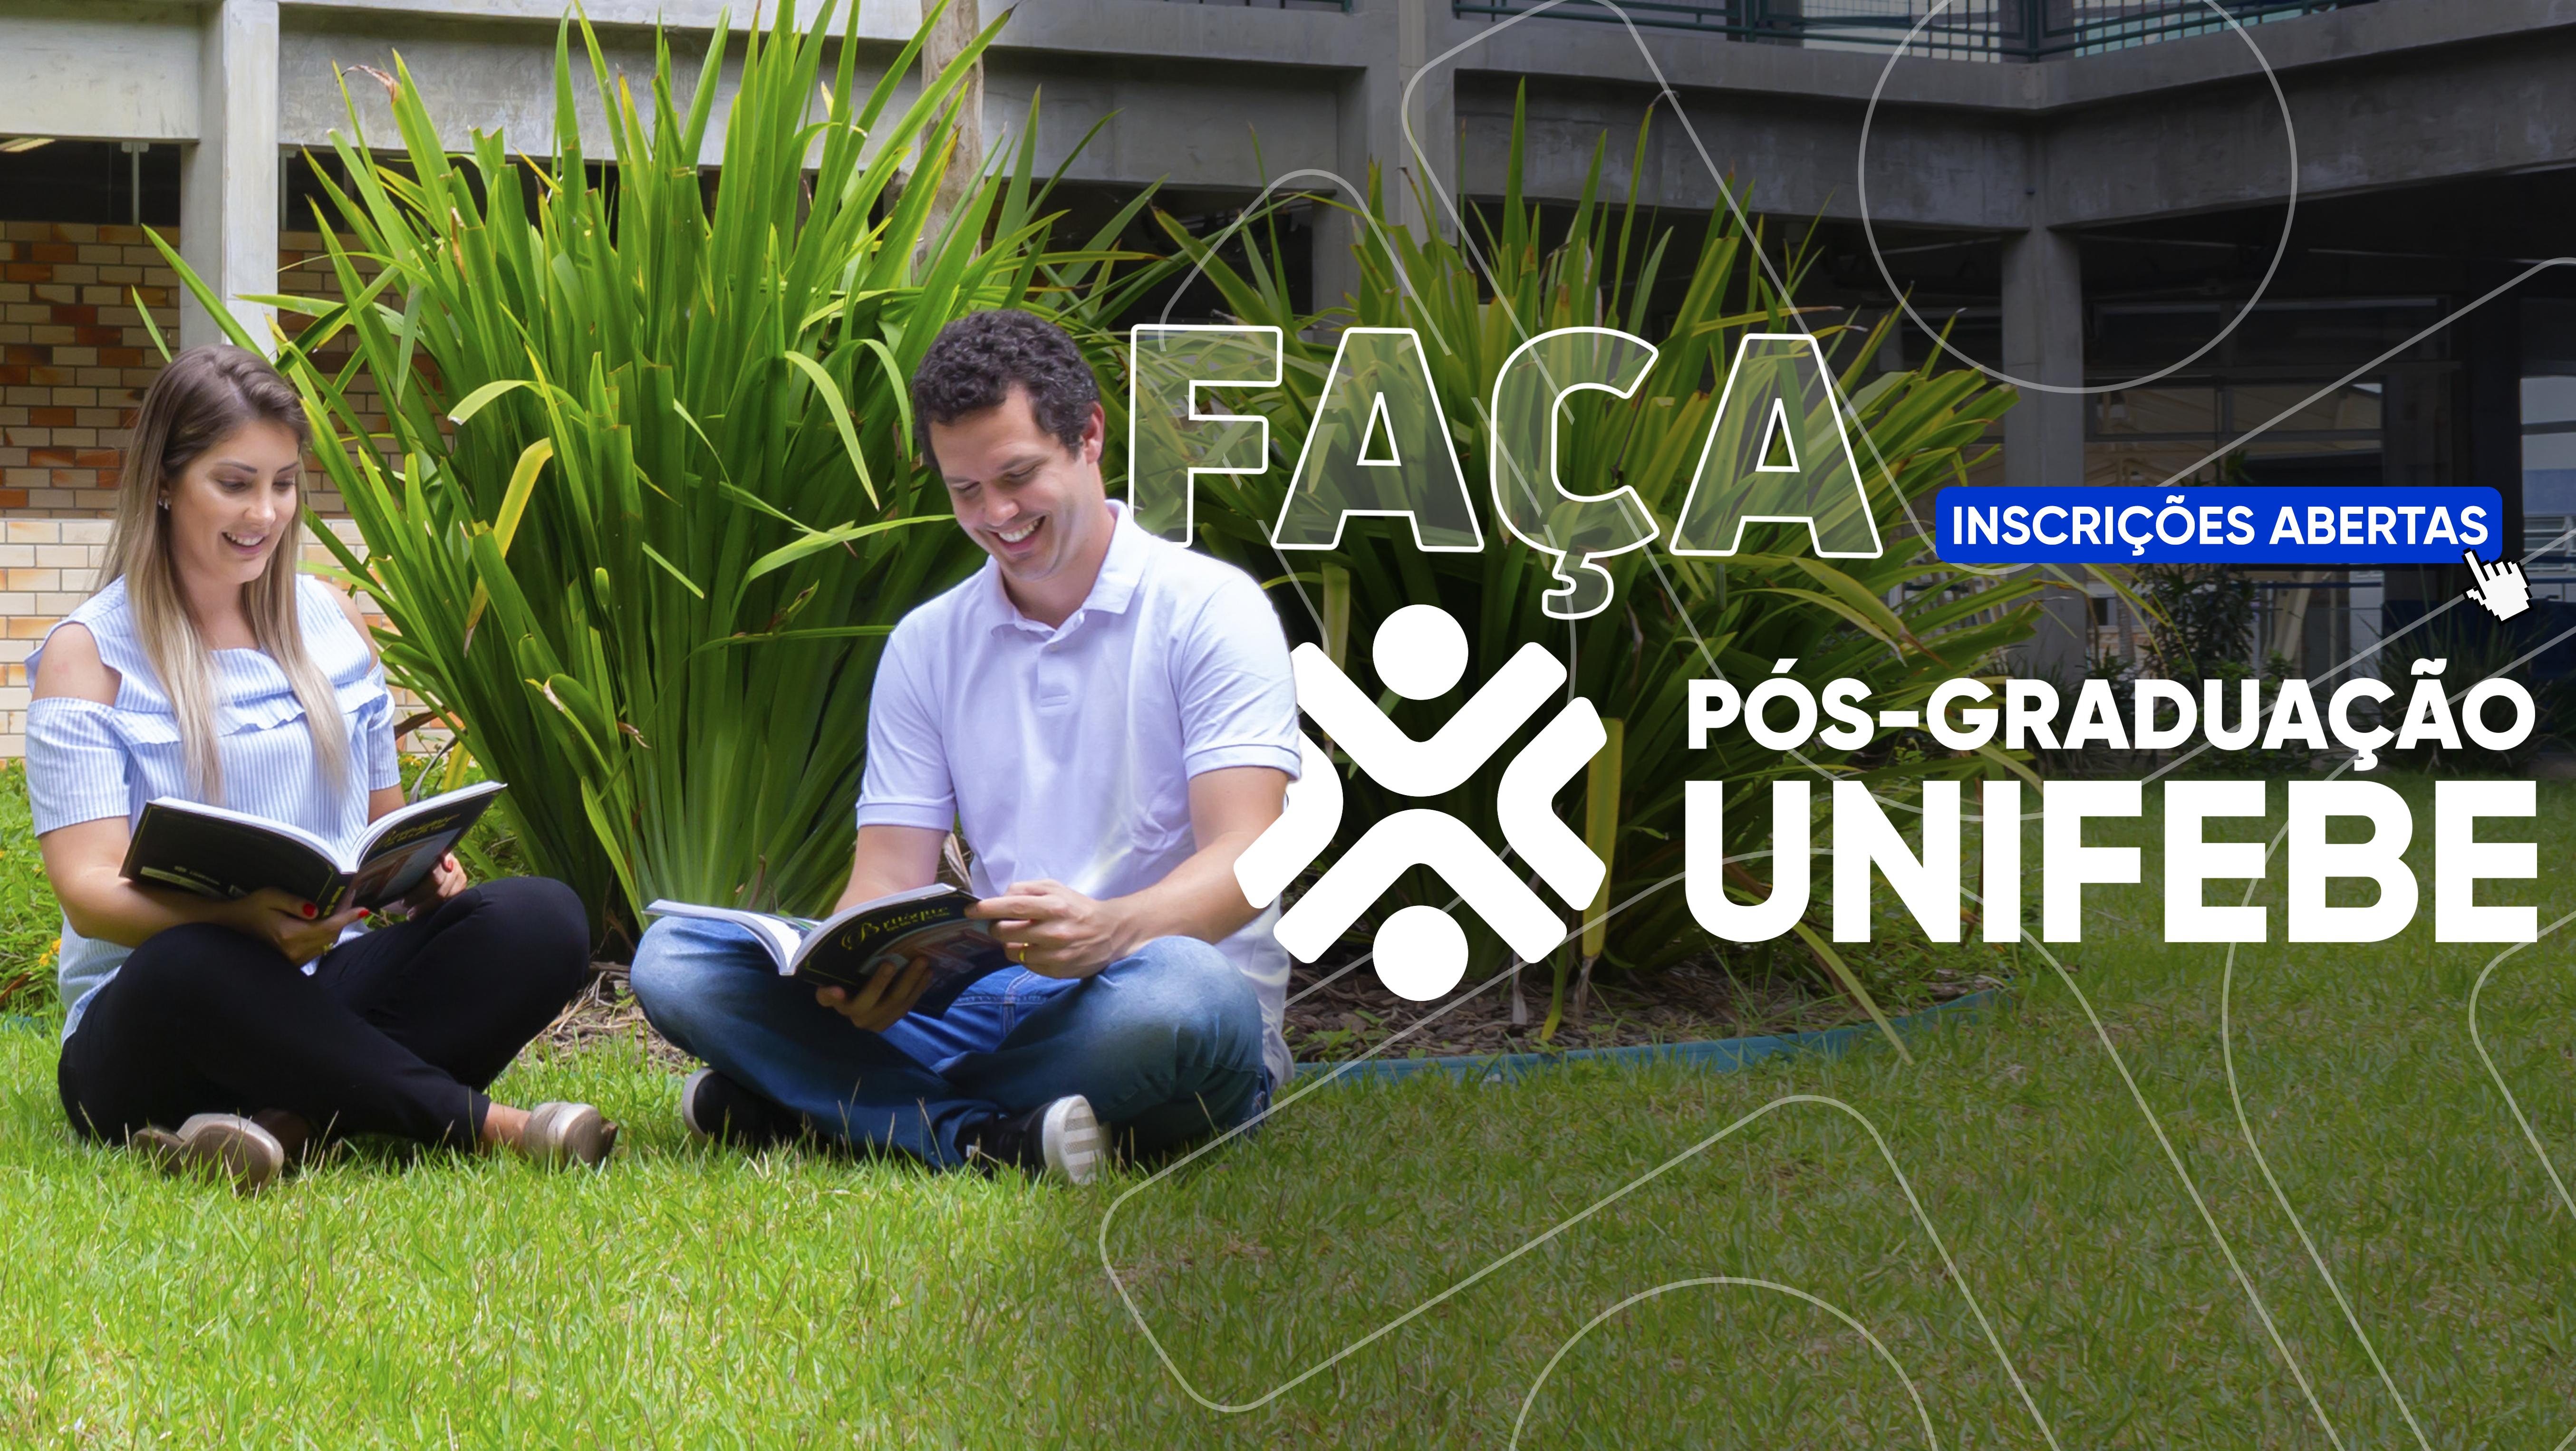 Banner Pós-graduação site mobile